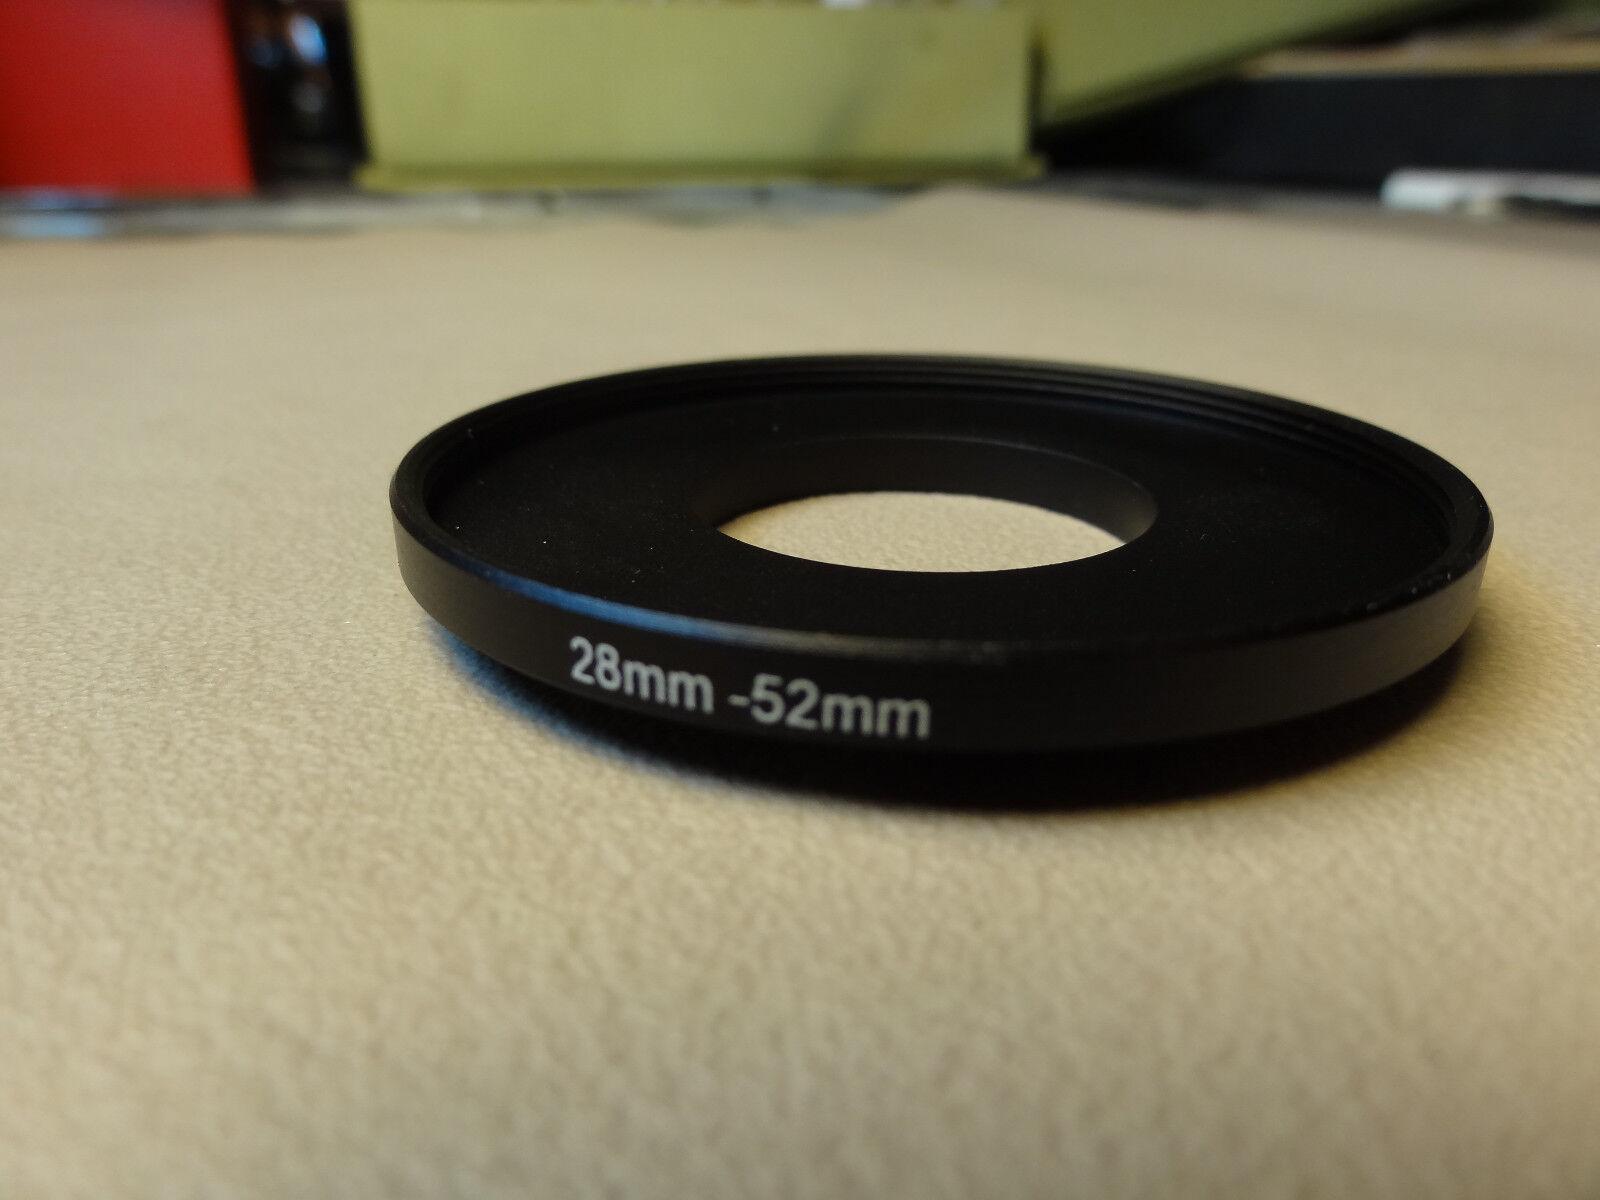 Зачем нужны переходные кольца фотоаппарат